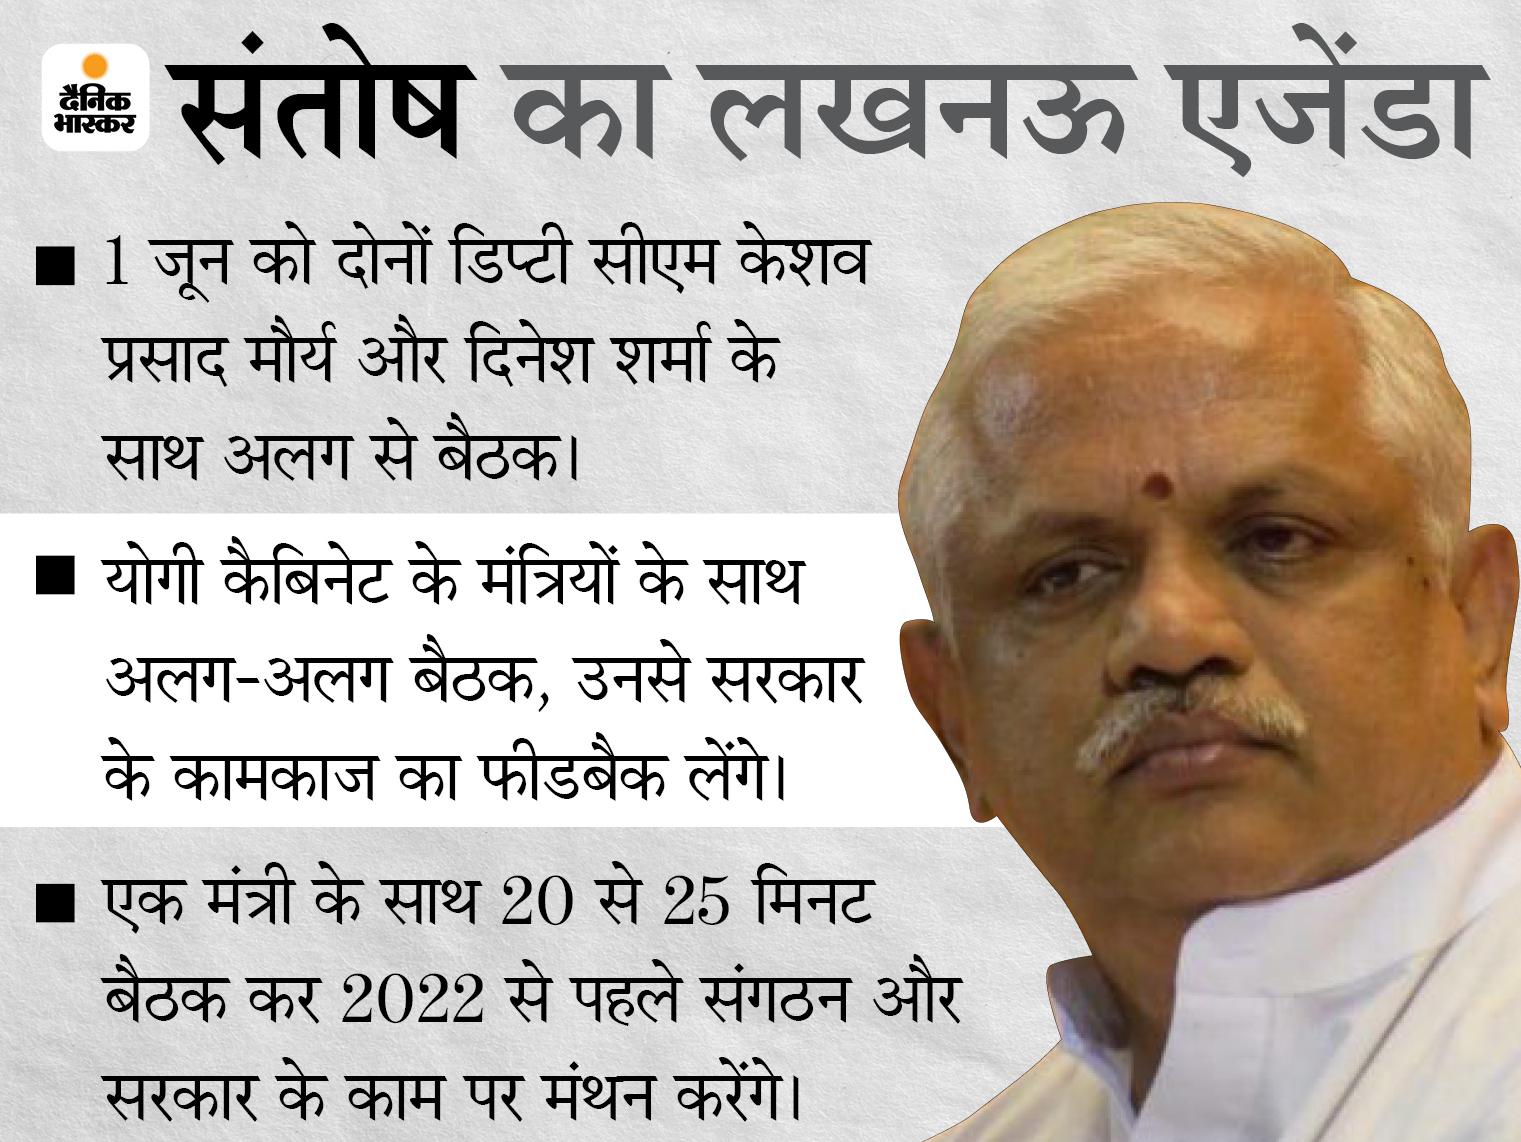 बीएल संतोष 3 दिन लखनऊ में, मंत्रियों से लेंगे योगी का फीडबैक; केशव प्रसाद और दिनेश शर्मा से अलग-अलग मिलेंगे उत्तरप्रदेश,Uttar Pradesh - Dainik Bhaskar